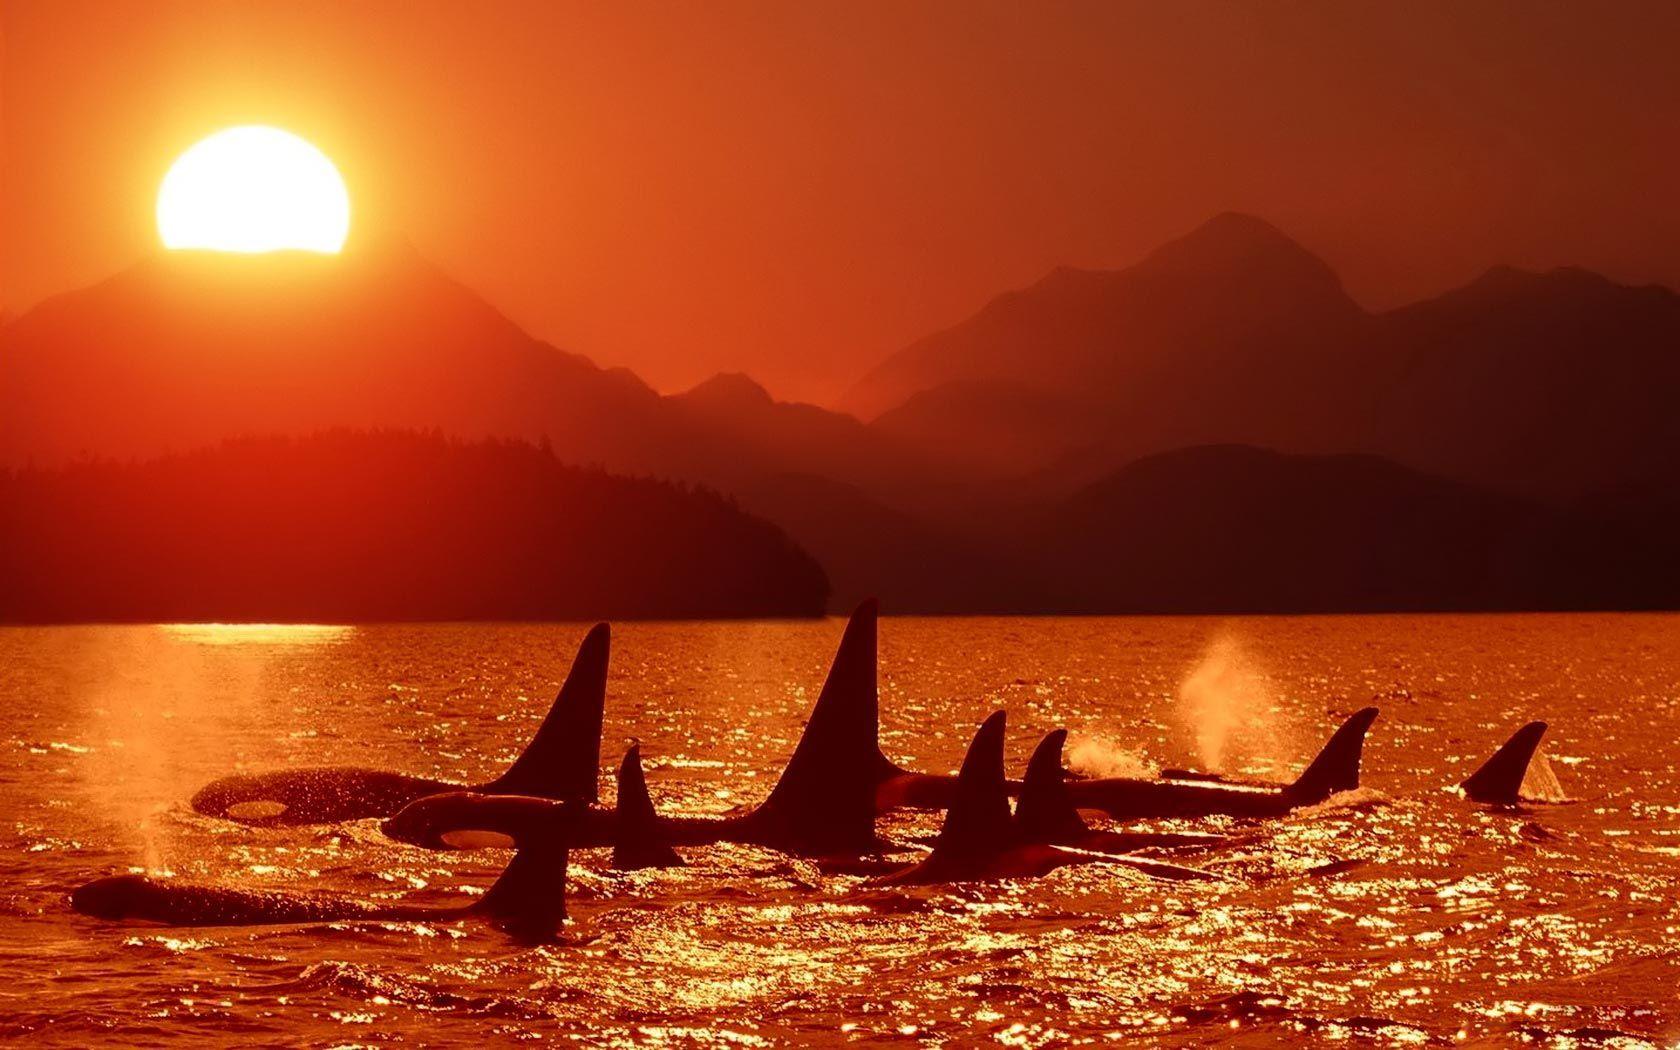 Orcas wallpaper buscar con google orcas pinterest orcas orcas wallpaper buscar con google altavistaventures Gallery